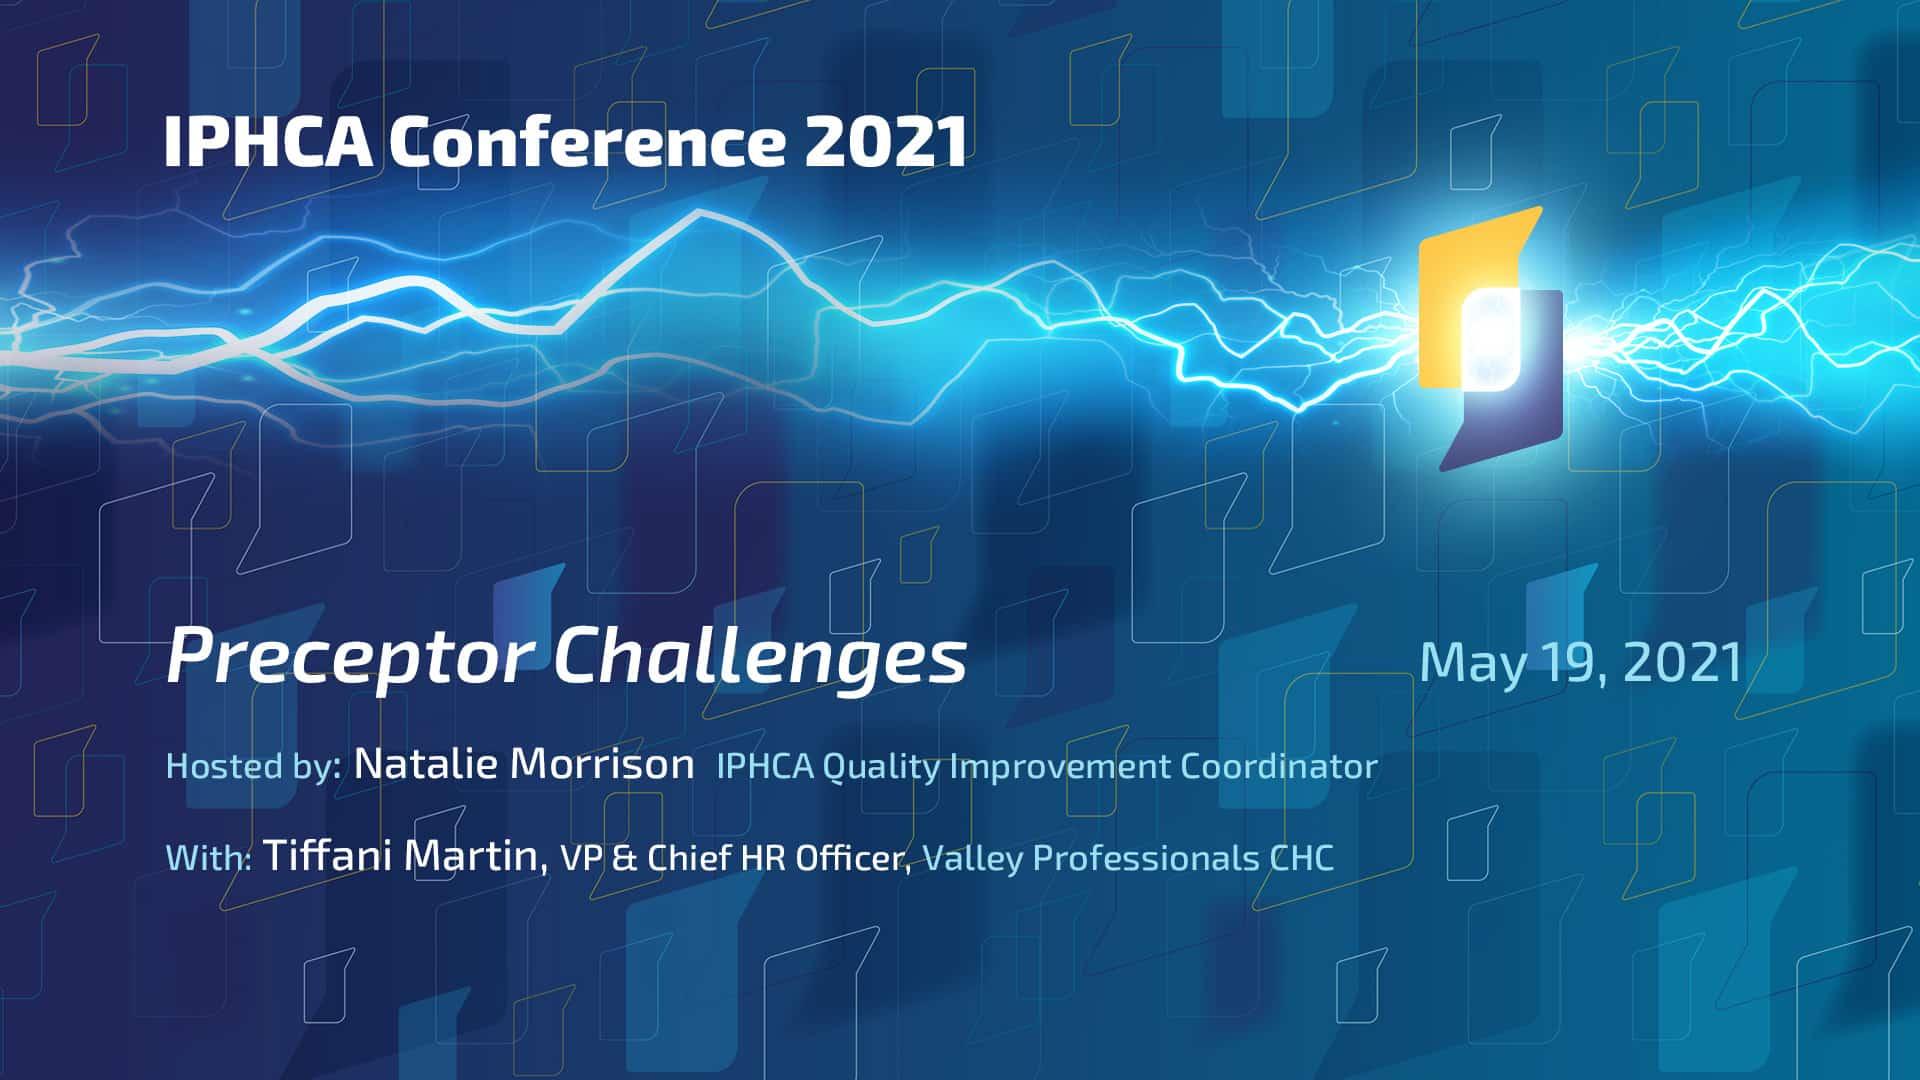 preceptor challenges